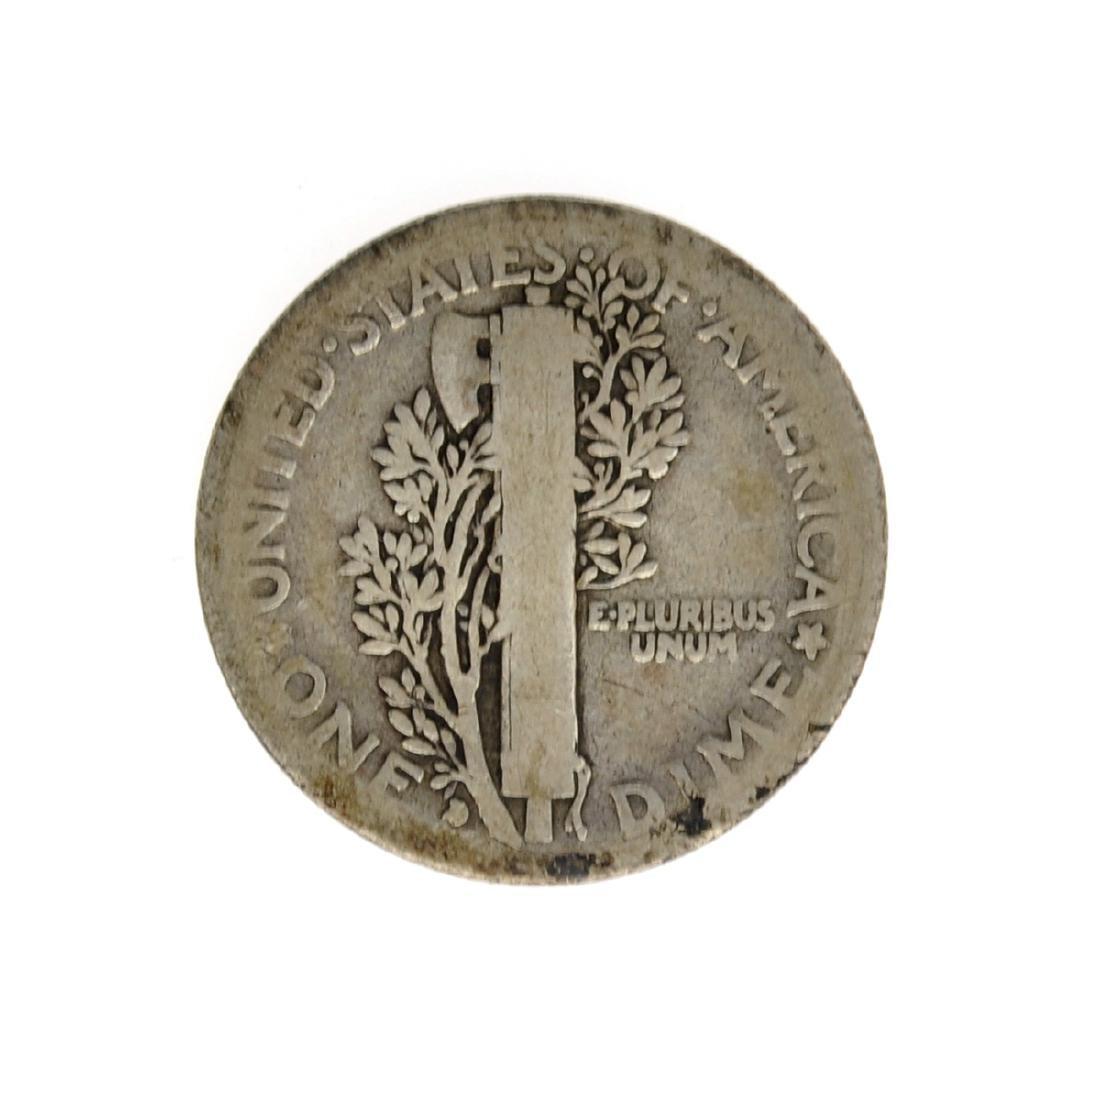 1916-D Merecury Dime Coin - 2